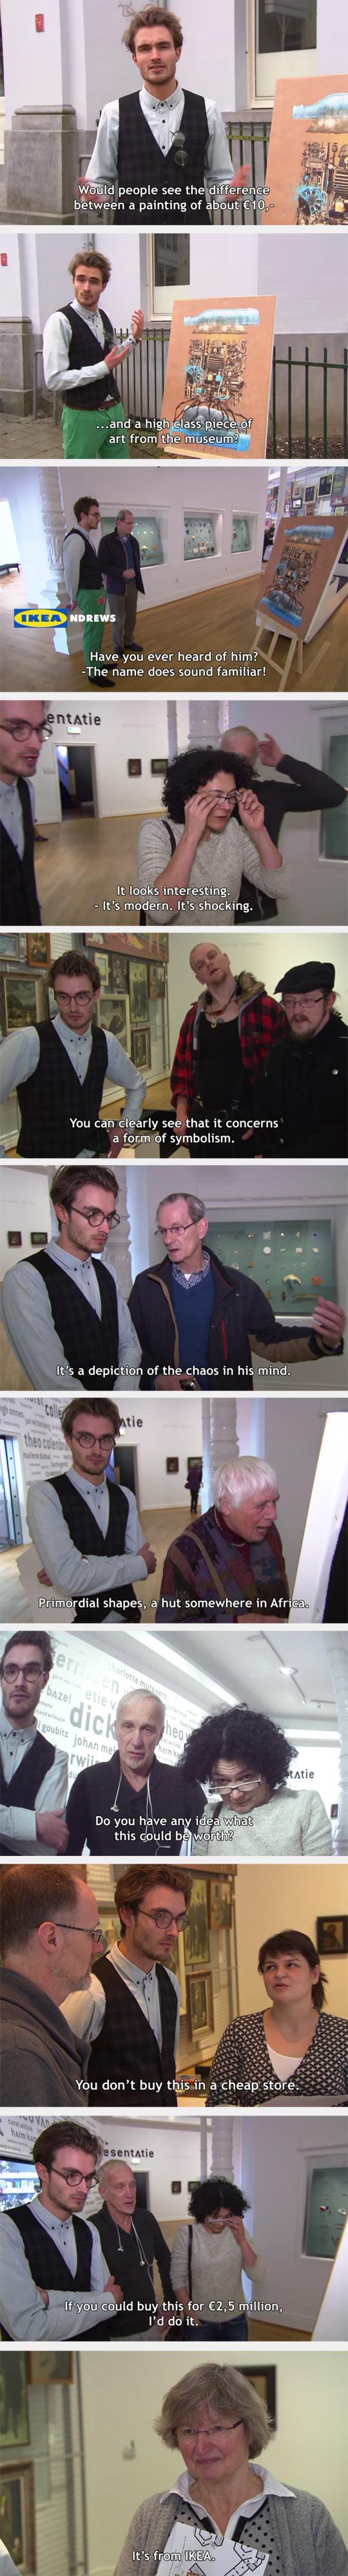 When You Put An Ikea Print In A Modern Art Museum